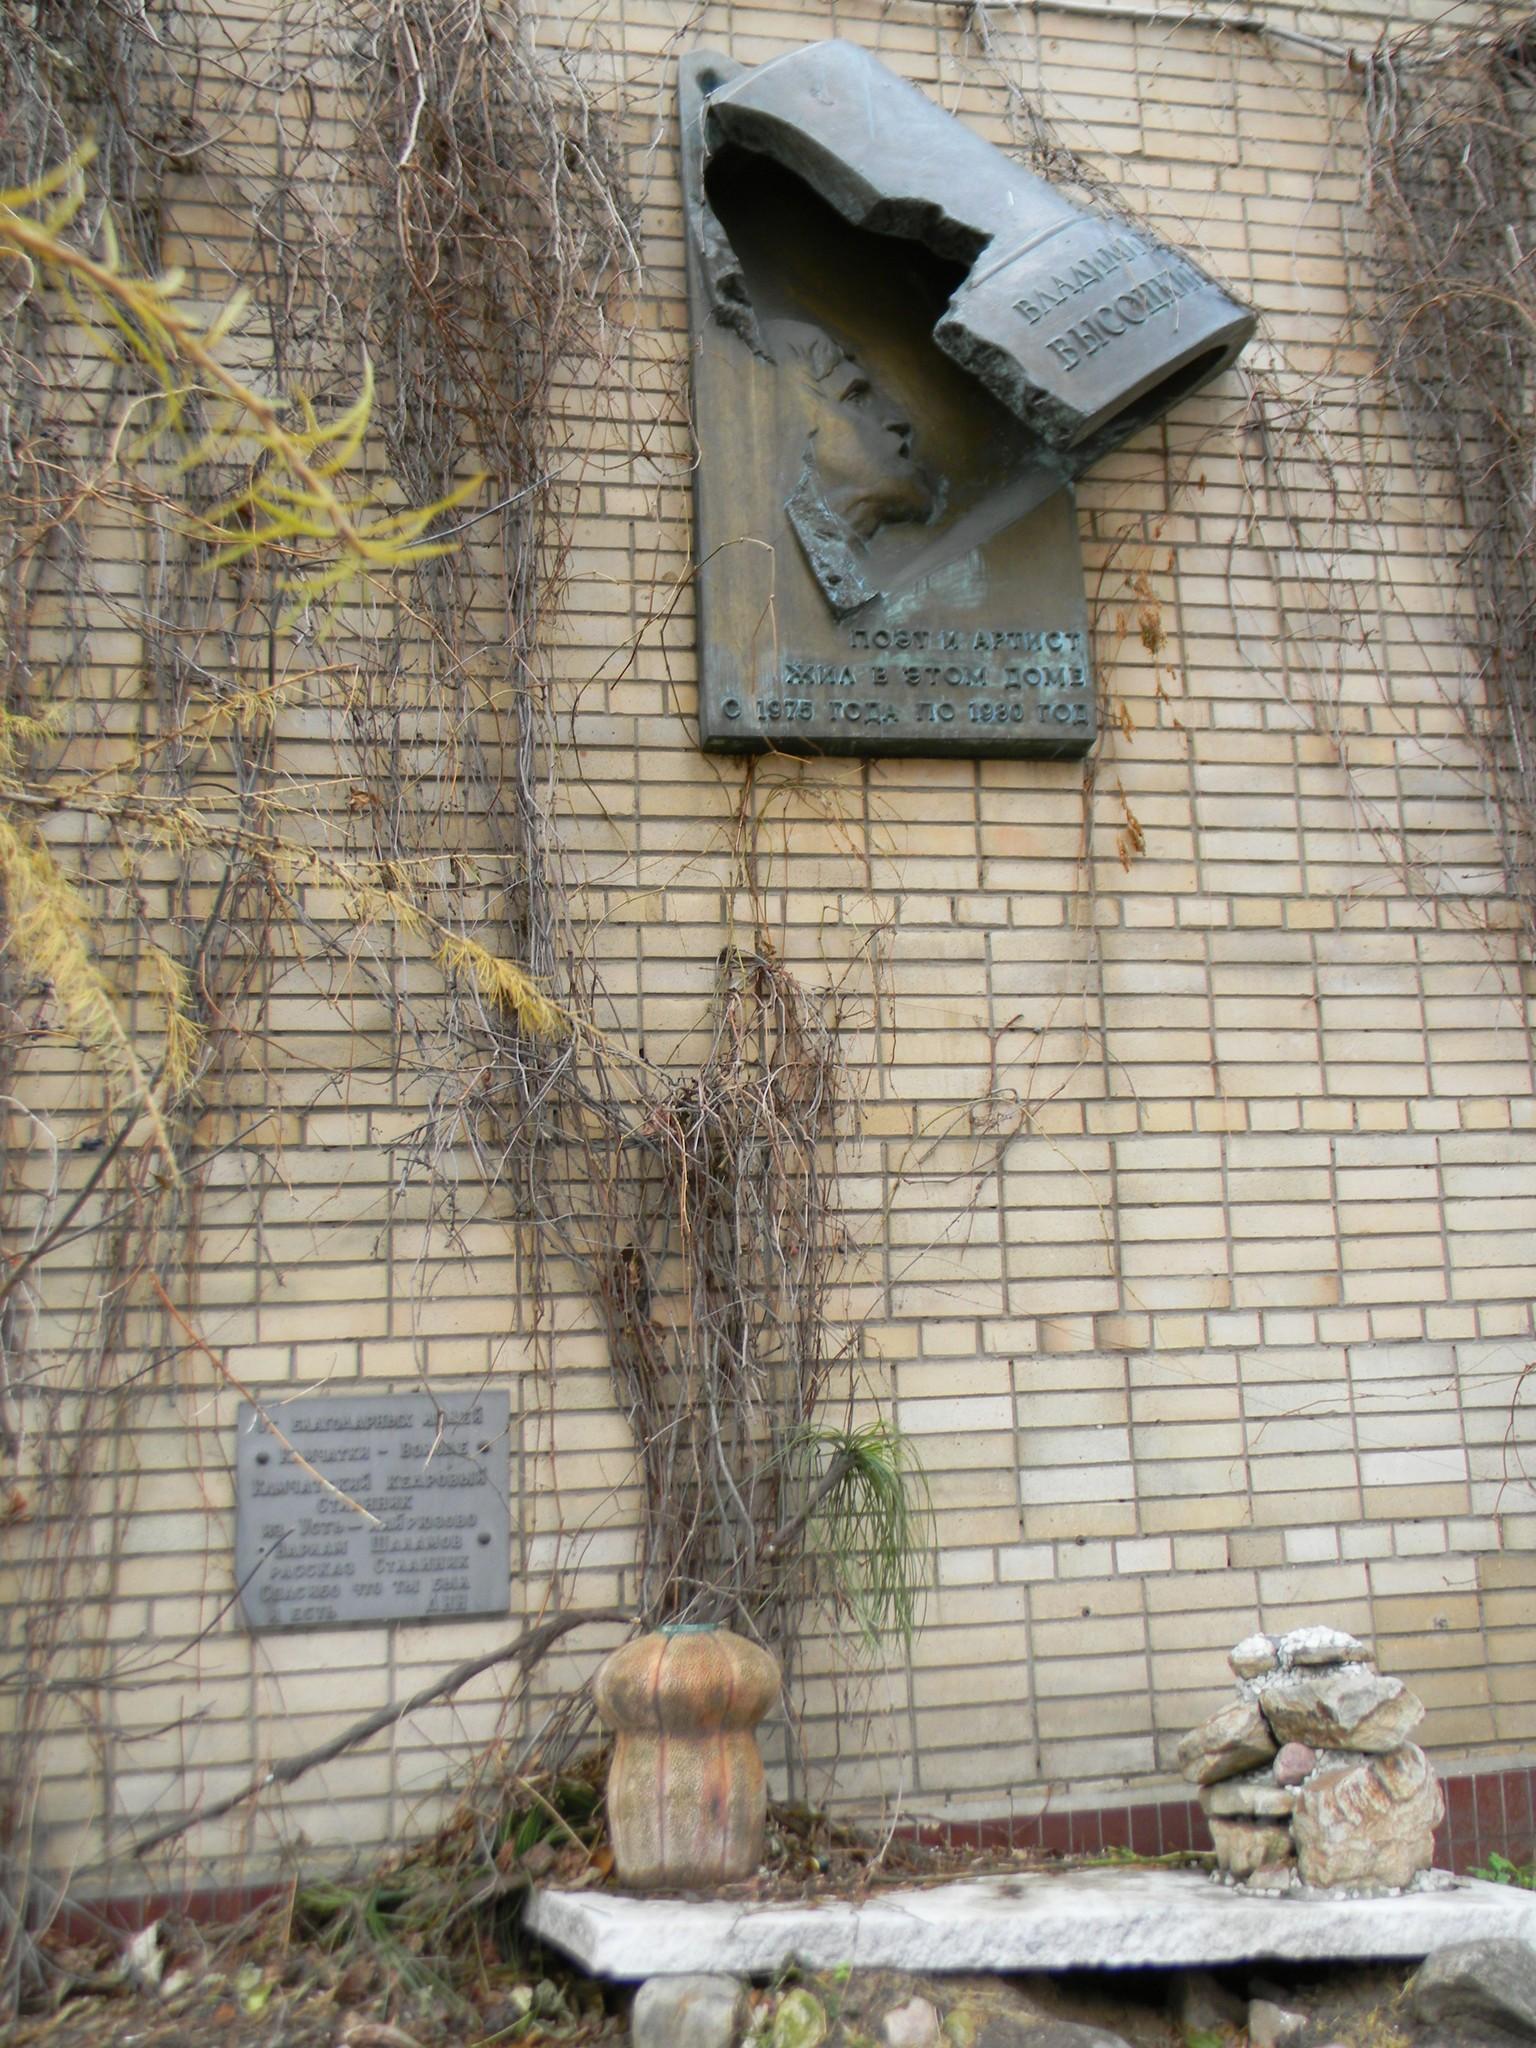 Памятная доска на доме № 28 по Малой Грузинской улице, где Владимир Семёнович Высоцкий жил в 1975-1980 годах